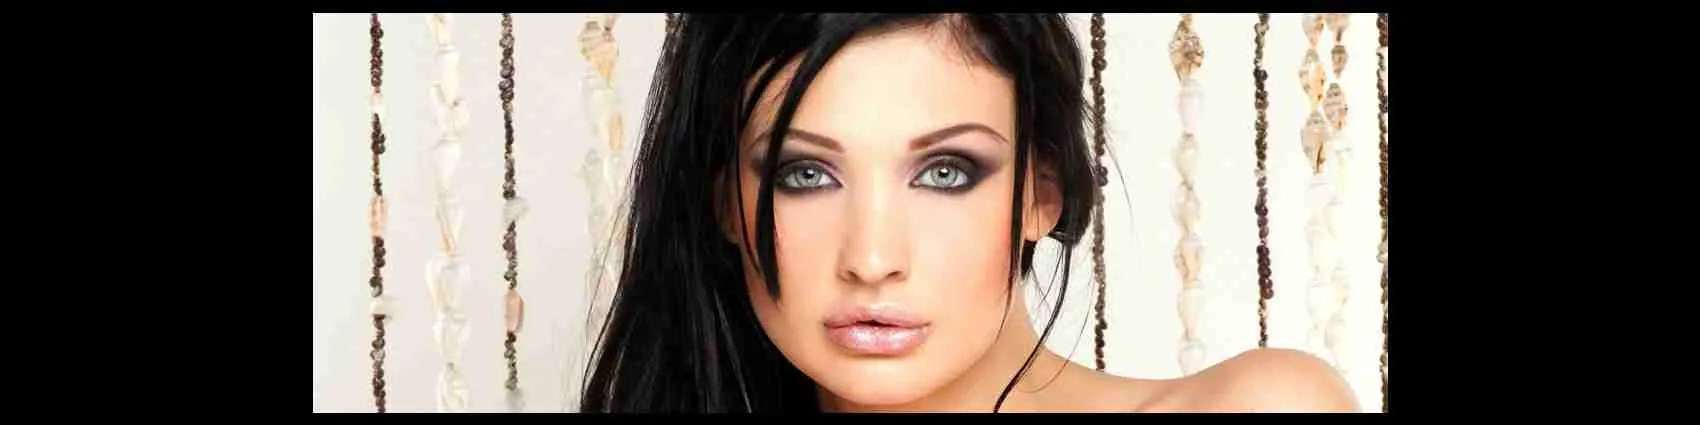 Escort Belluno: donne bellissime, eleganti e raffinate. Disponibili per i tuoi incontri esclusivi a Belluno. Magica Escort